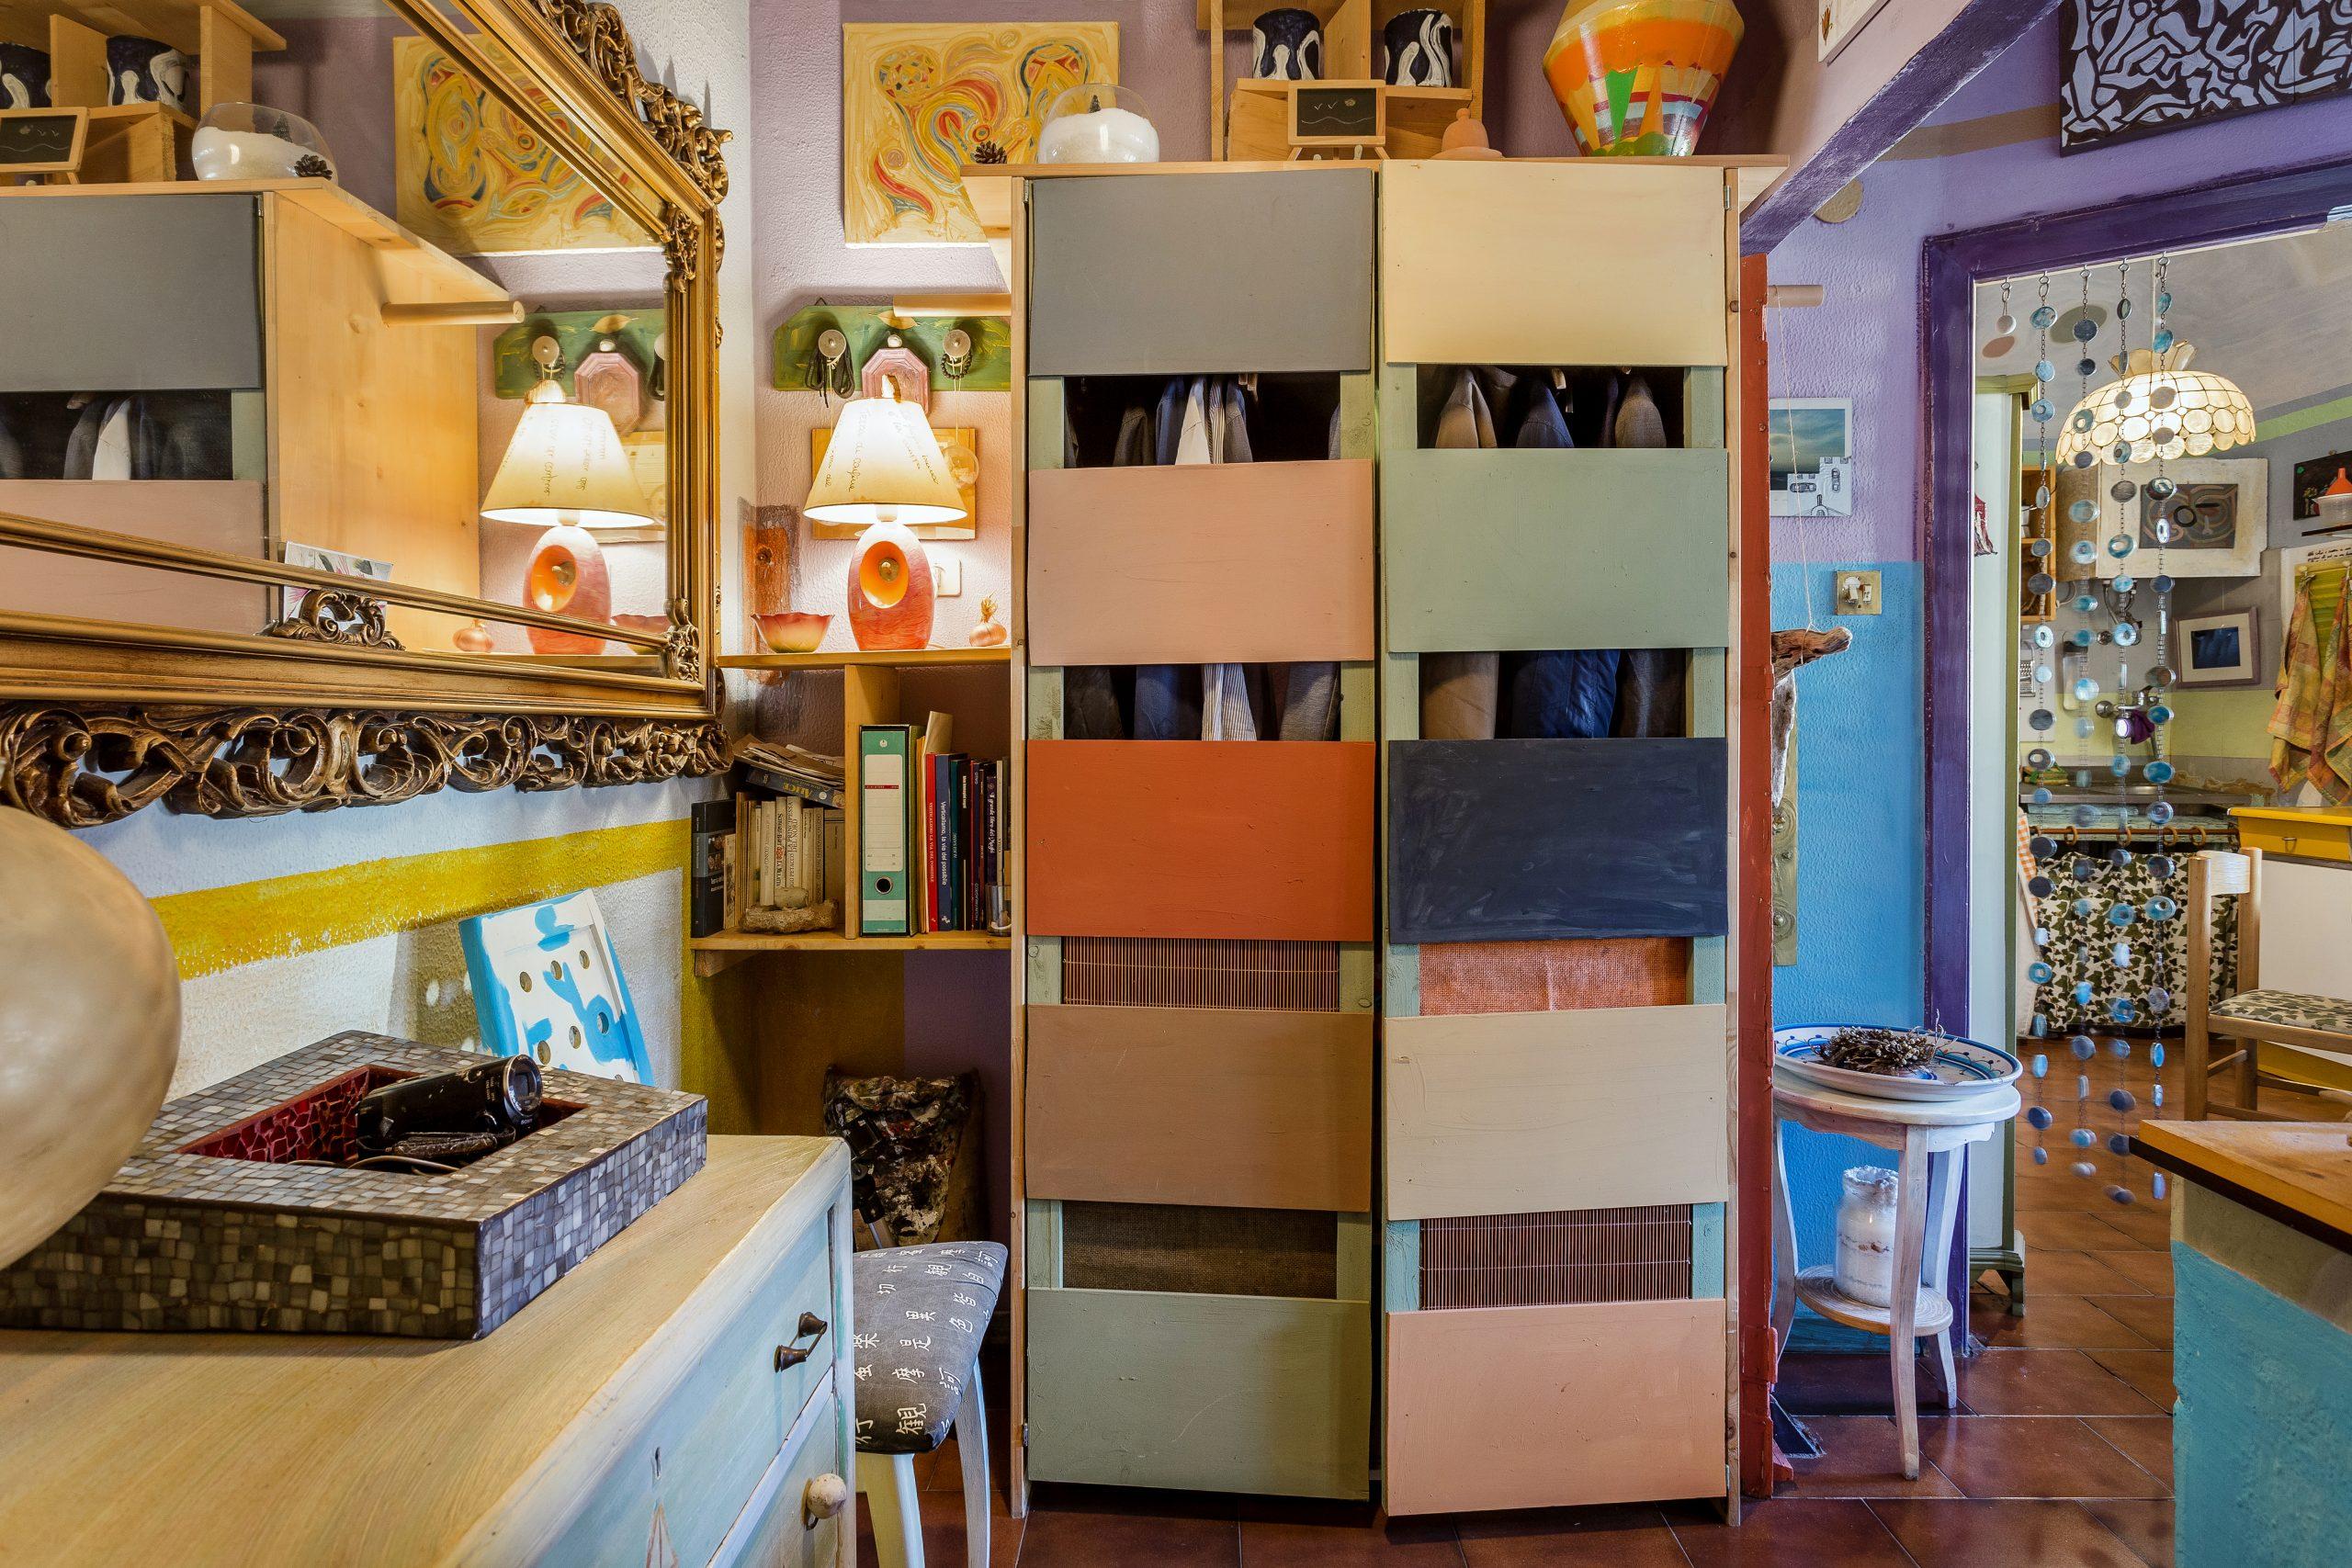 arte invisibile mezzanine living